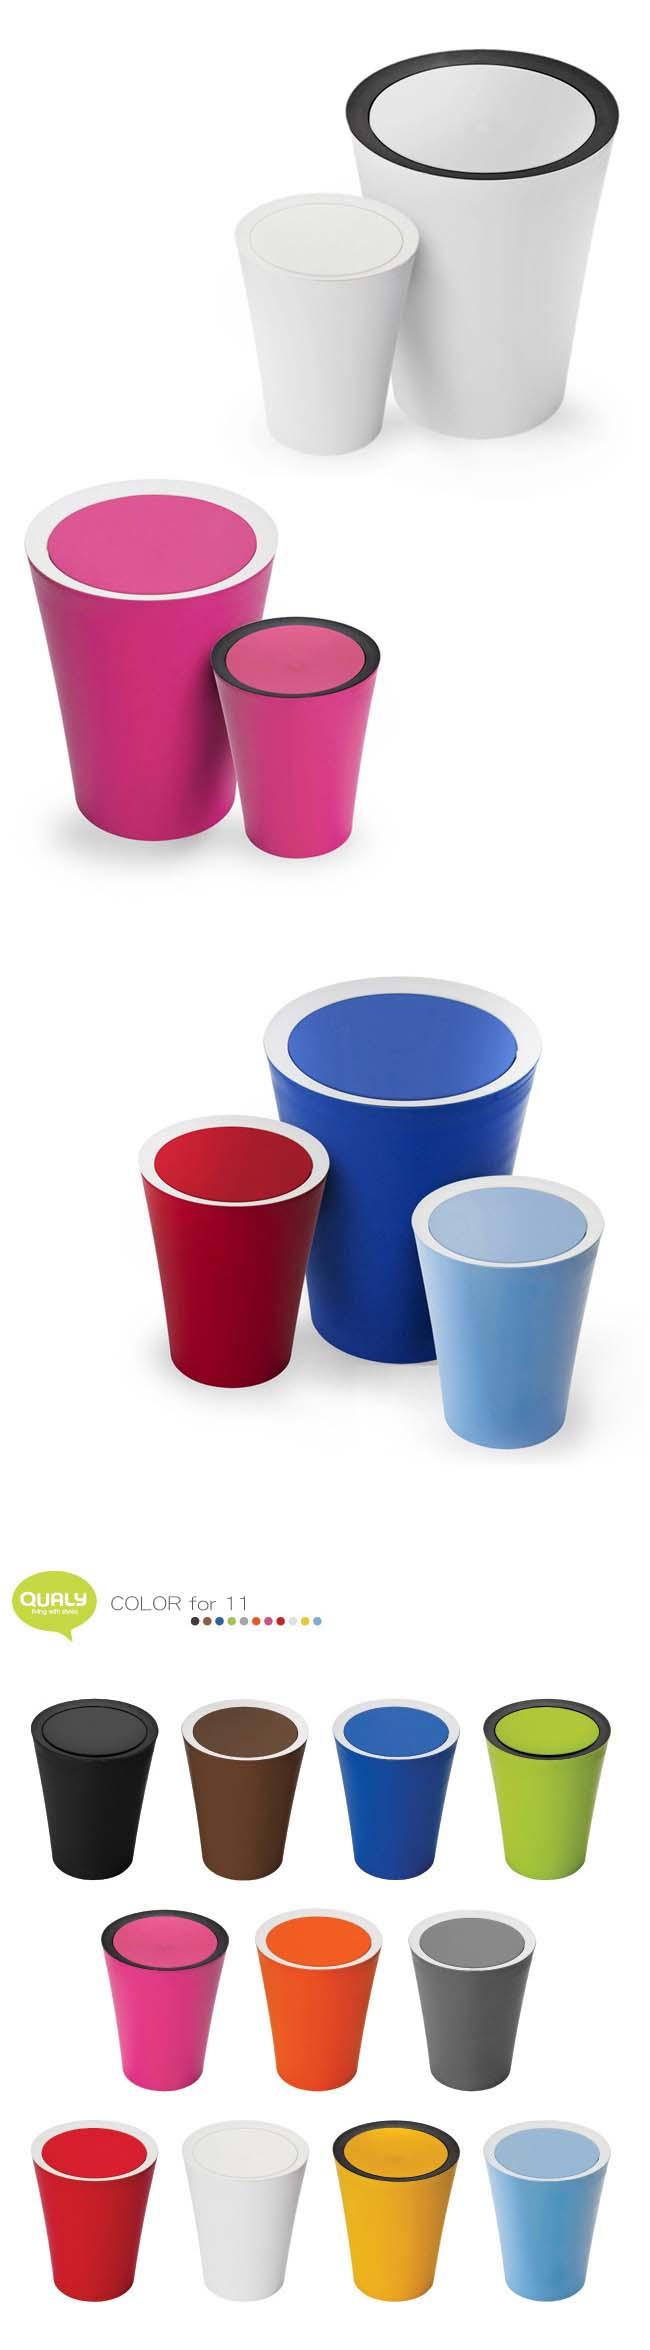 泰国qualy多彩时尚乐色筒垃圾桶创意进口翻转盖迷你桌面垃圾桶 白色